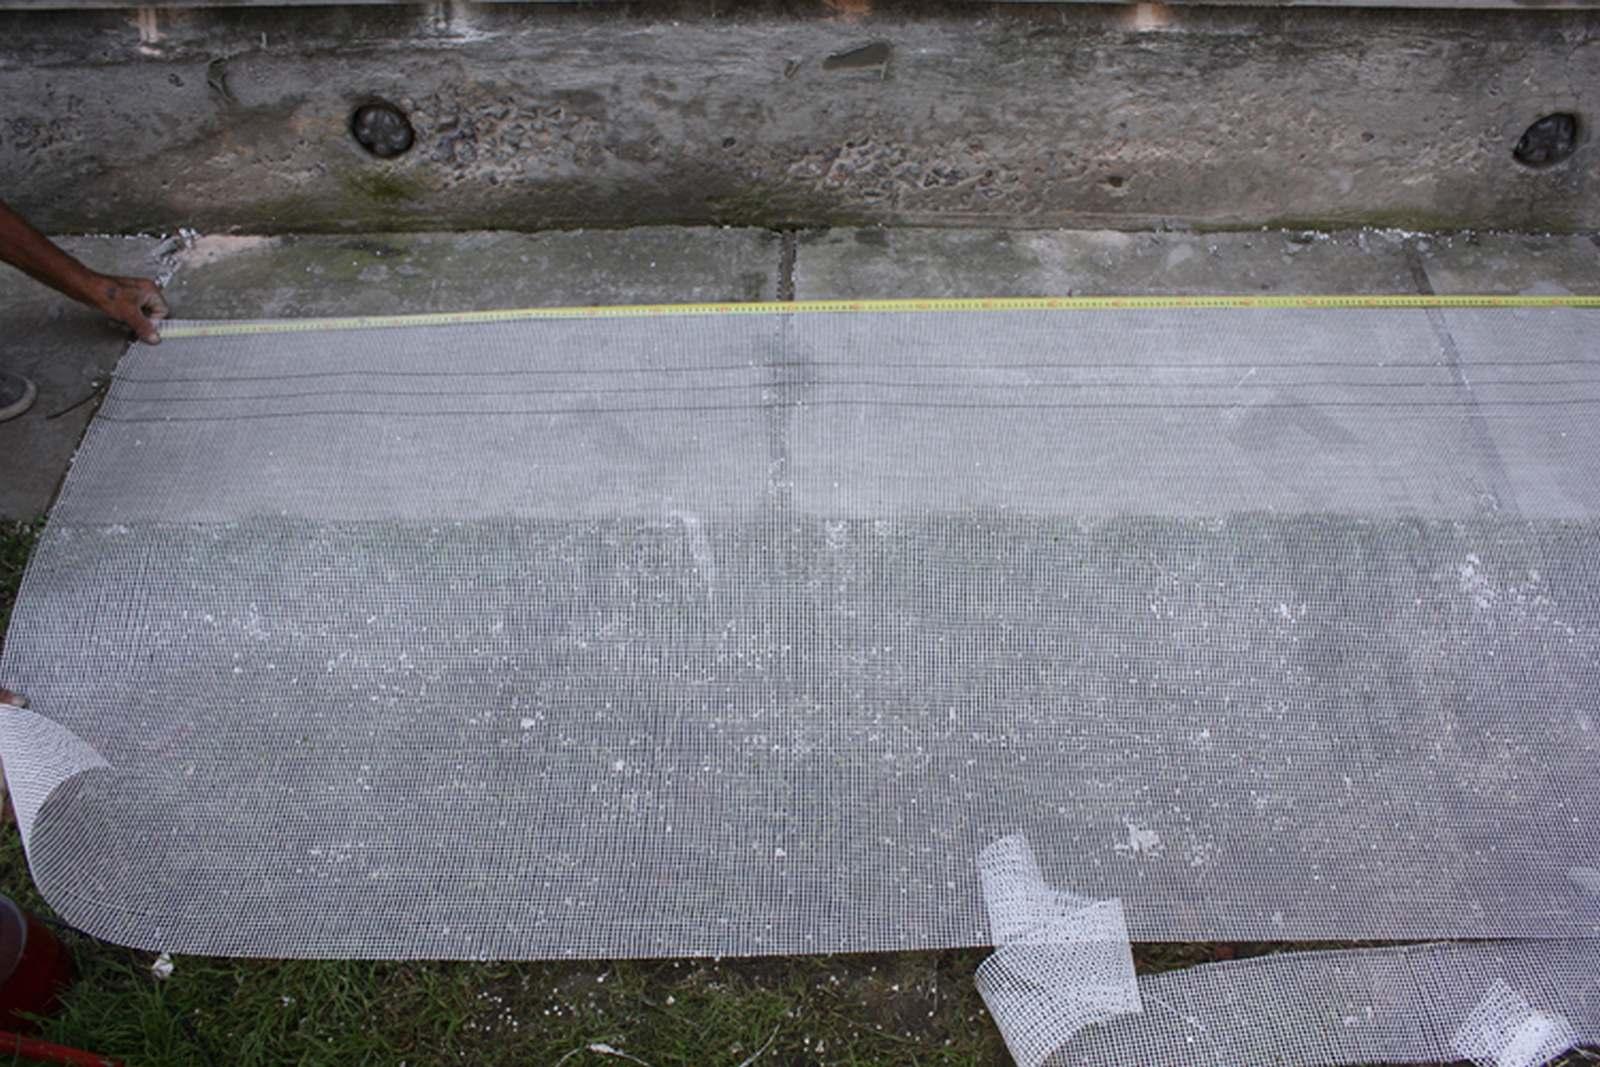 Армирование монтажной сеткой и уголками при утеплении дома фото